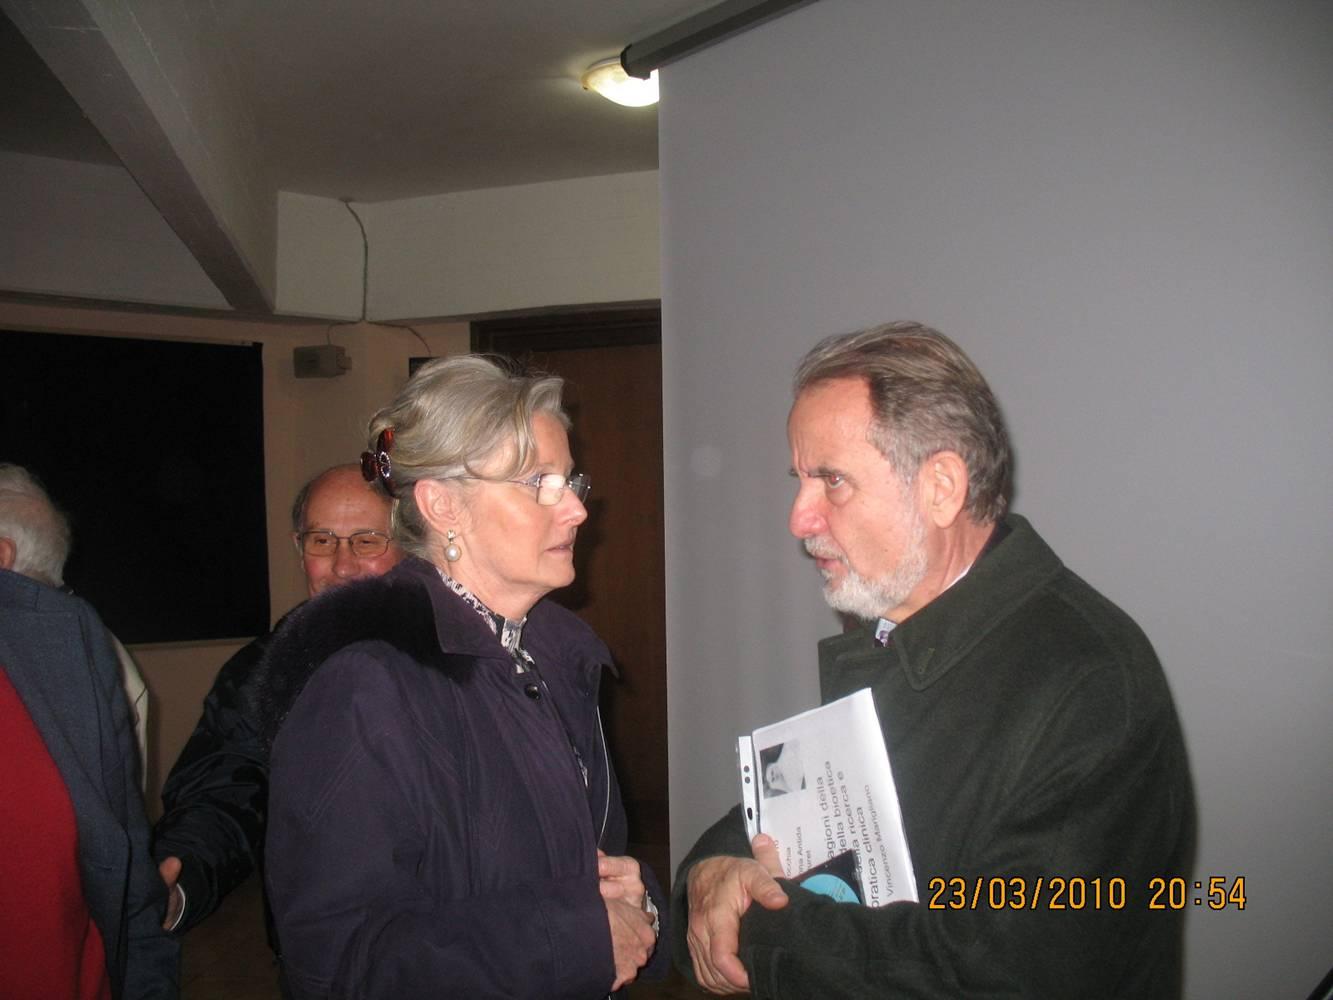 http://associazioneamec.com/amec/images/foto/Immagine2.jpg